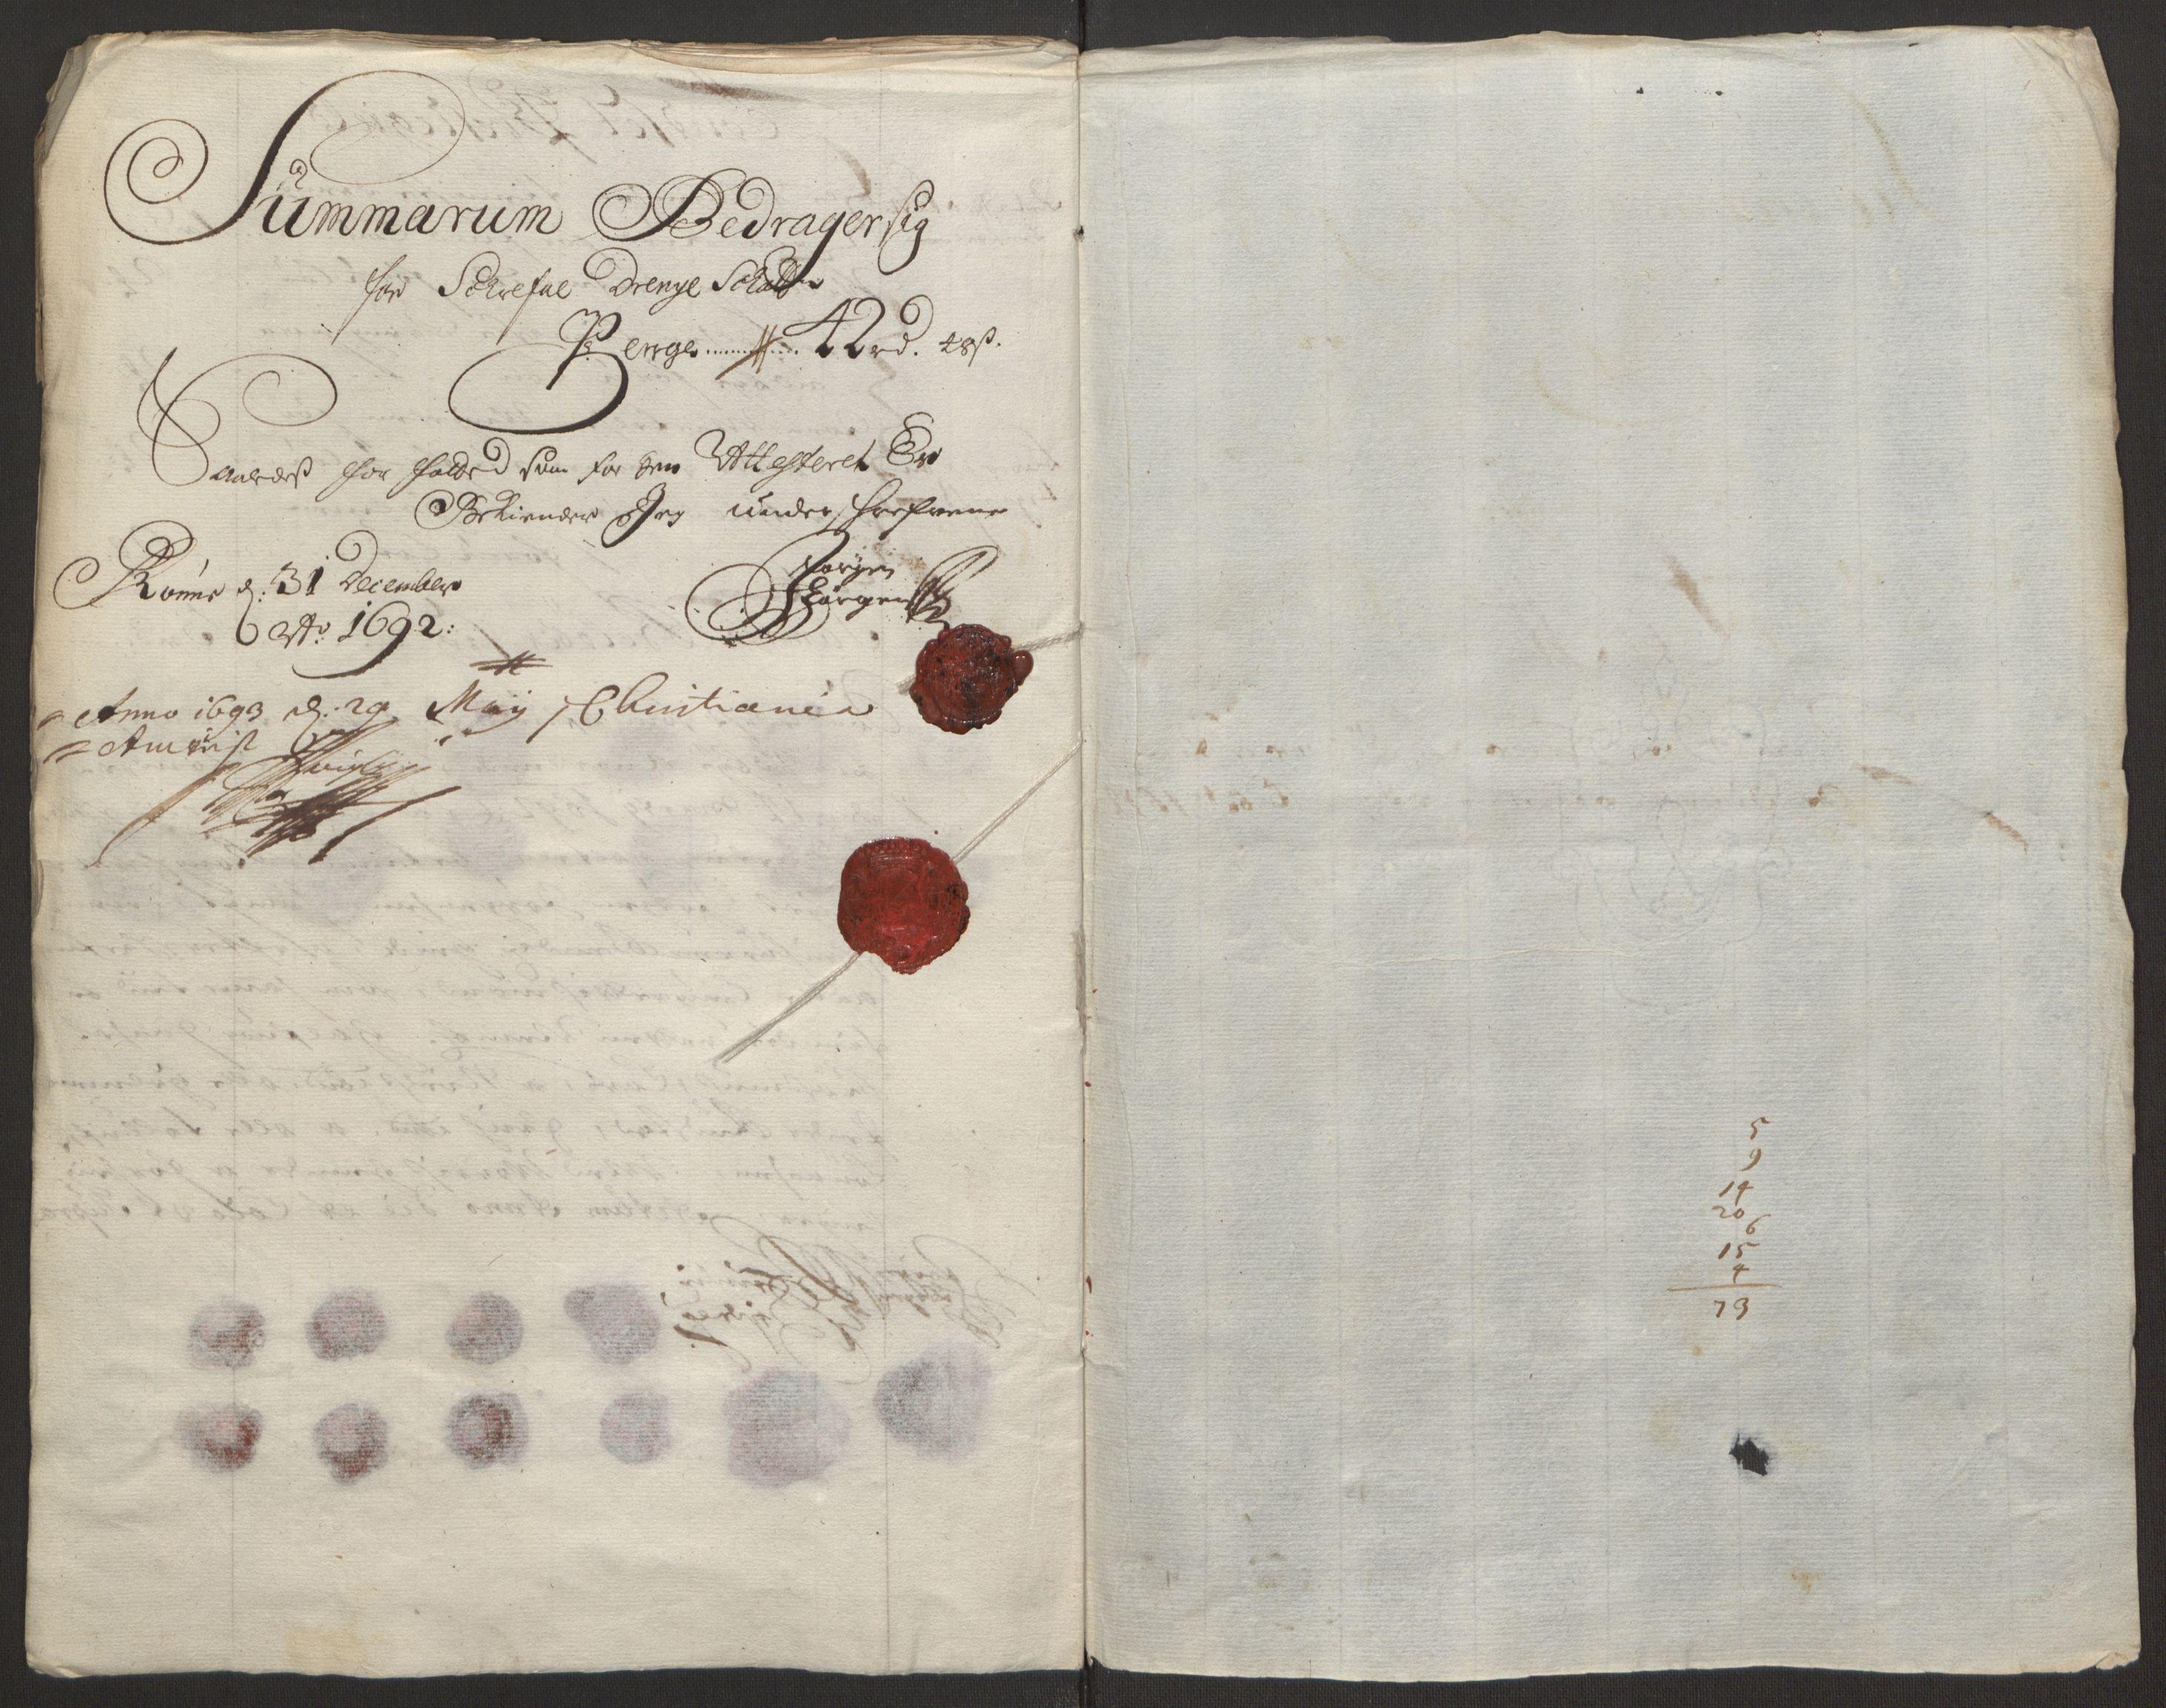 RA, Rentekammeret inntil 1814, Reviderte regnskaper, Fogderegnskap, R13/L0830: Fogderegnskap Solør, Odal og Østerdal, 1692, s. 240